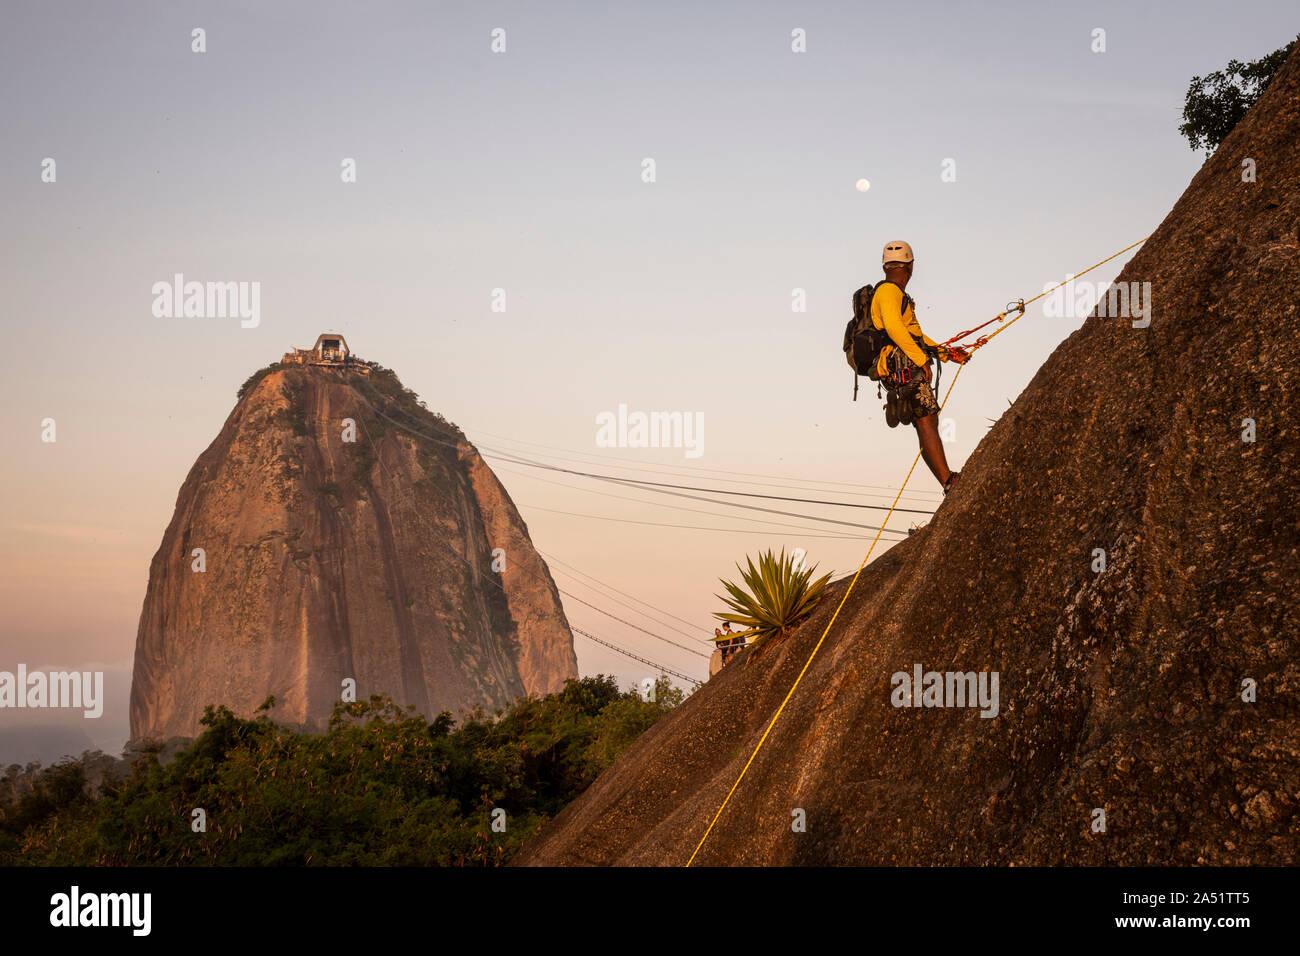 Man rock climbing in Morro da Urca near the Sugar Loaf Mountain, Rio de Janeiro, Brazil Stock Photo